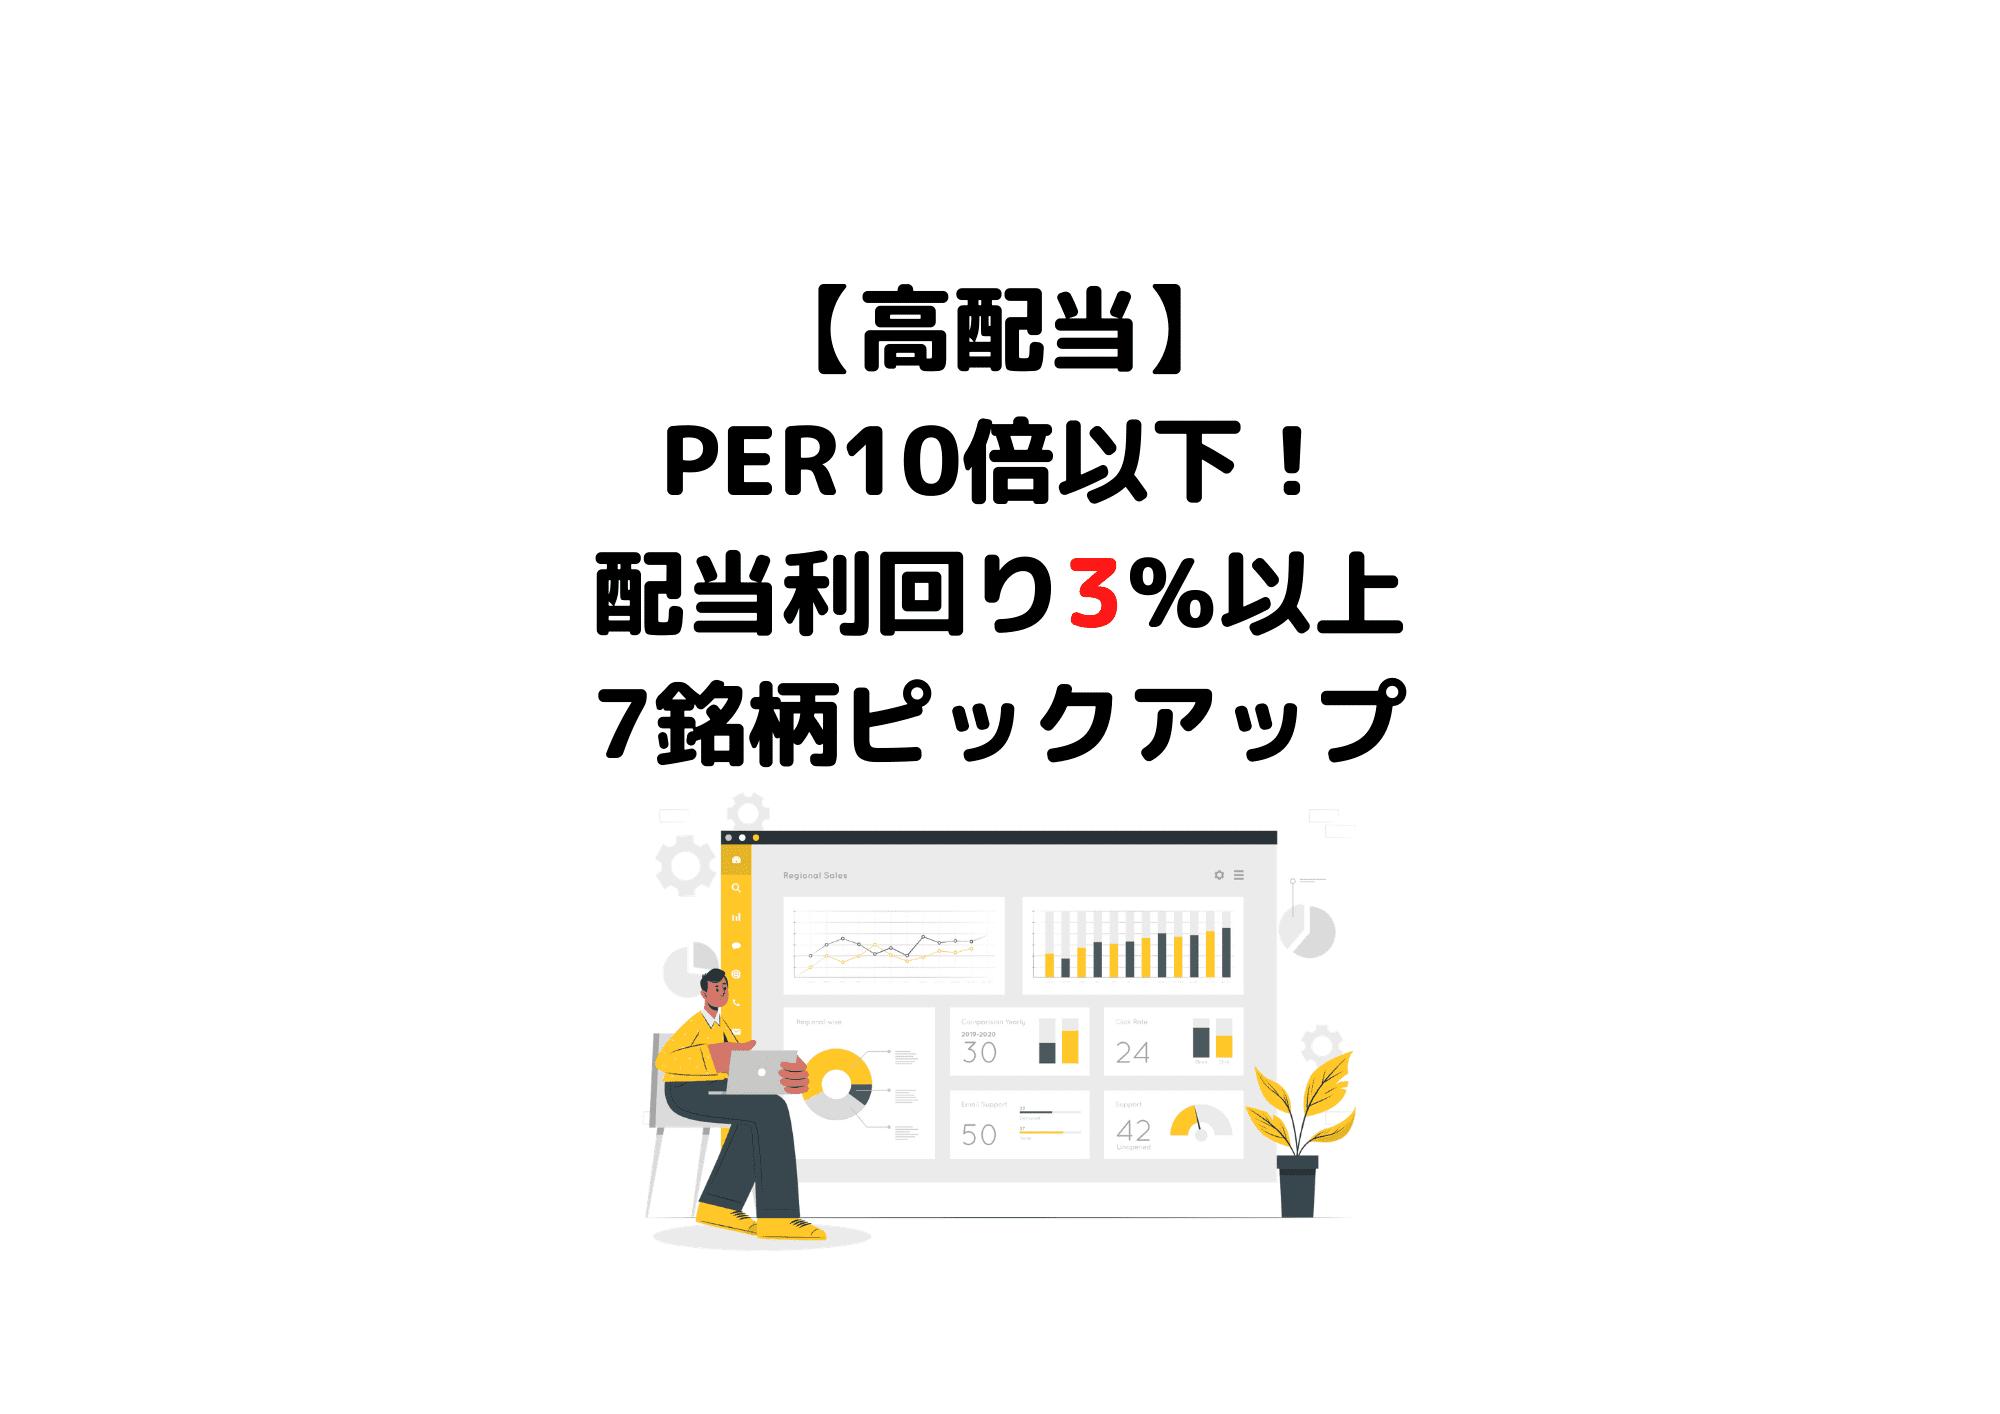 高配当PER (